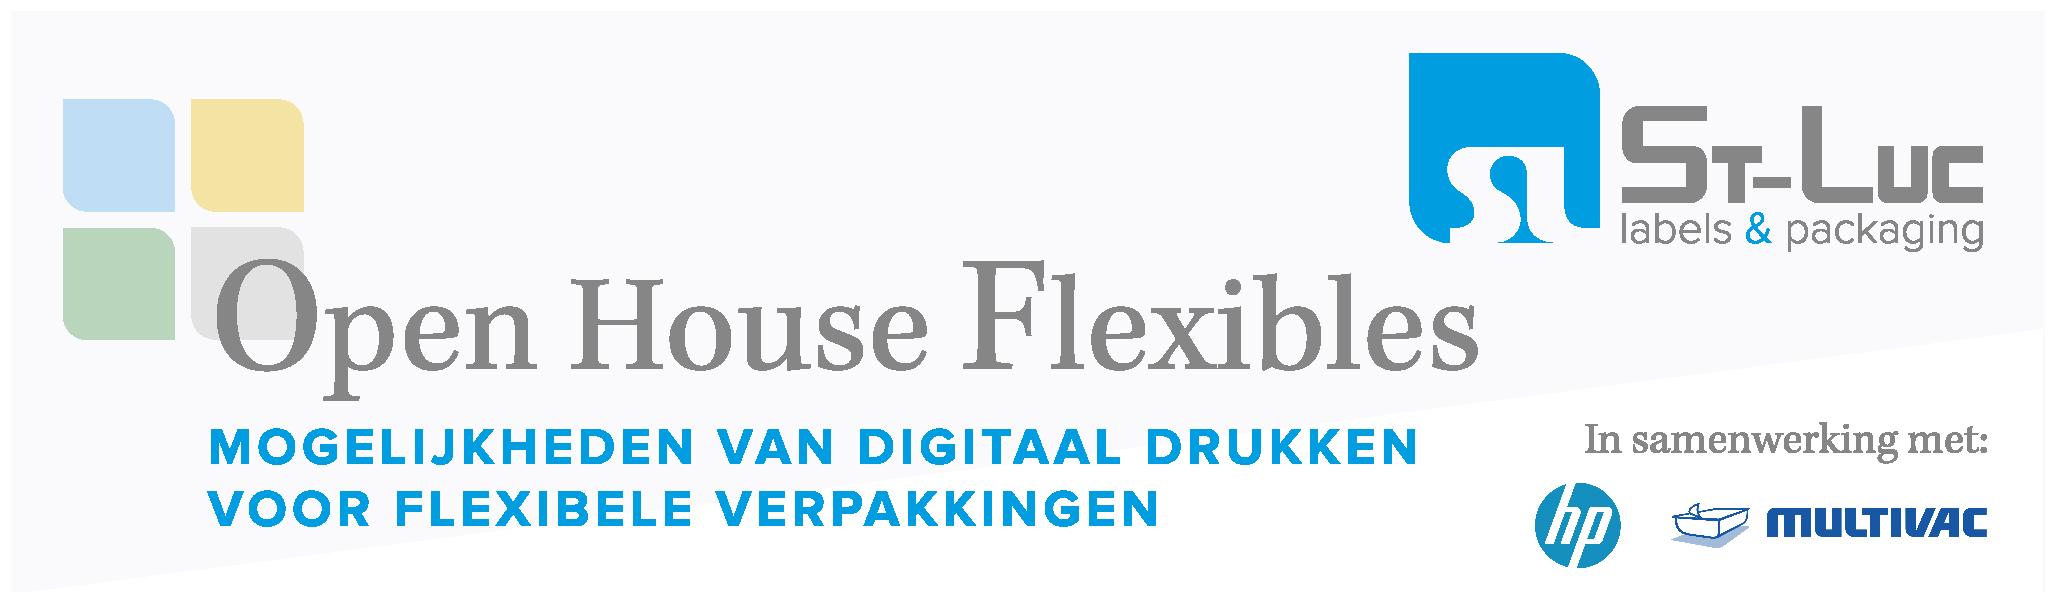 header-open-house-flexibles.png